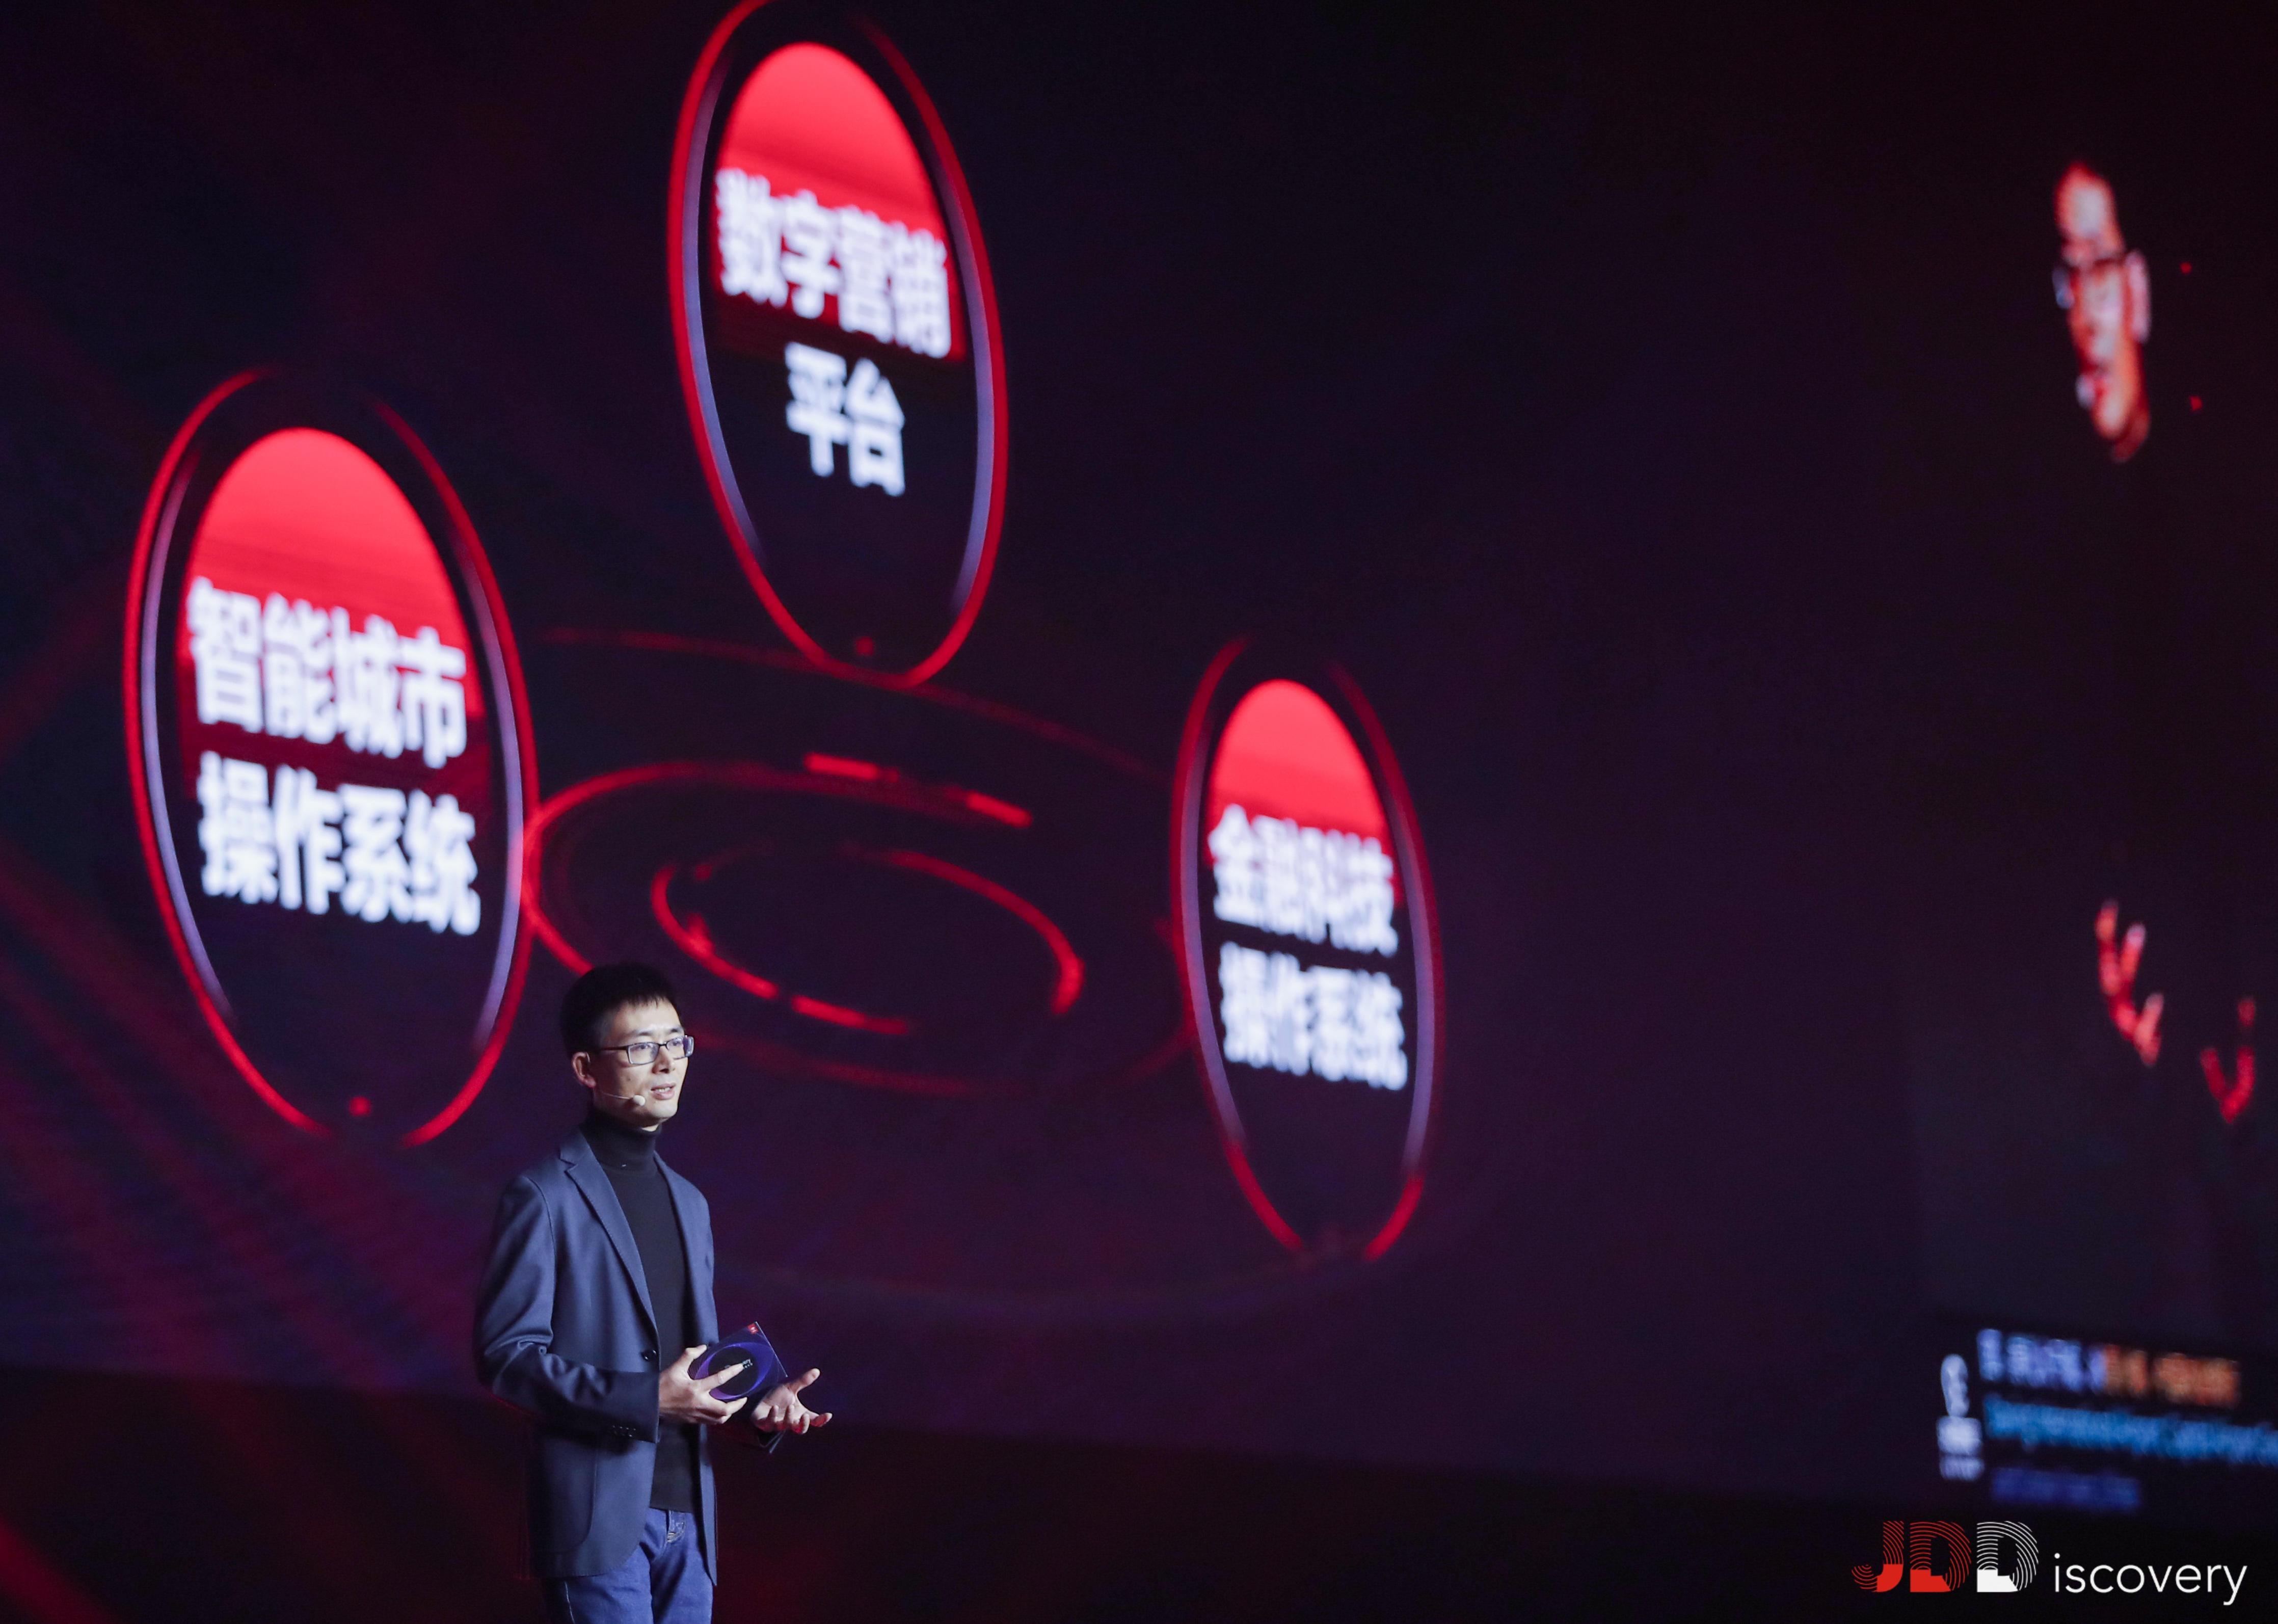 技术驱动产业未来:京东技术全景图首次展示,京东数科发布金融数字化解决方案